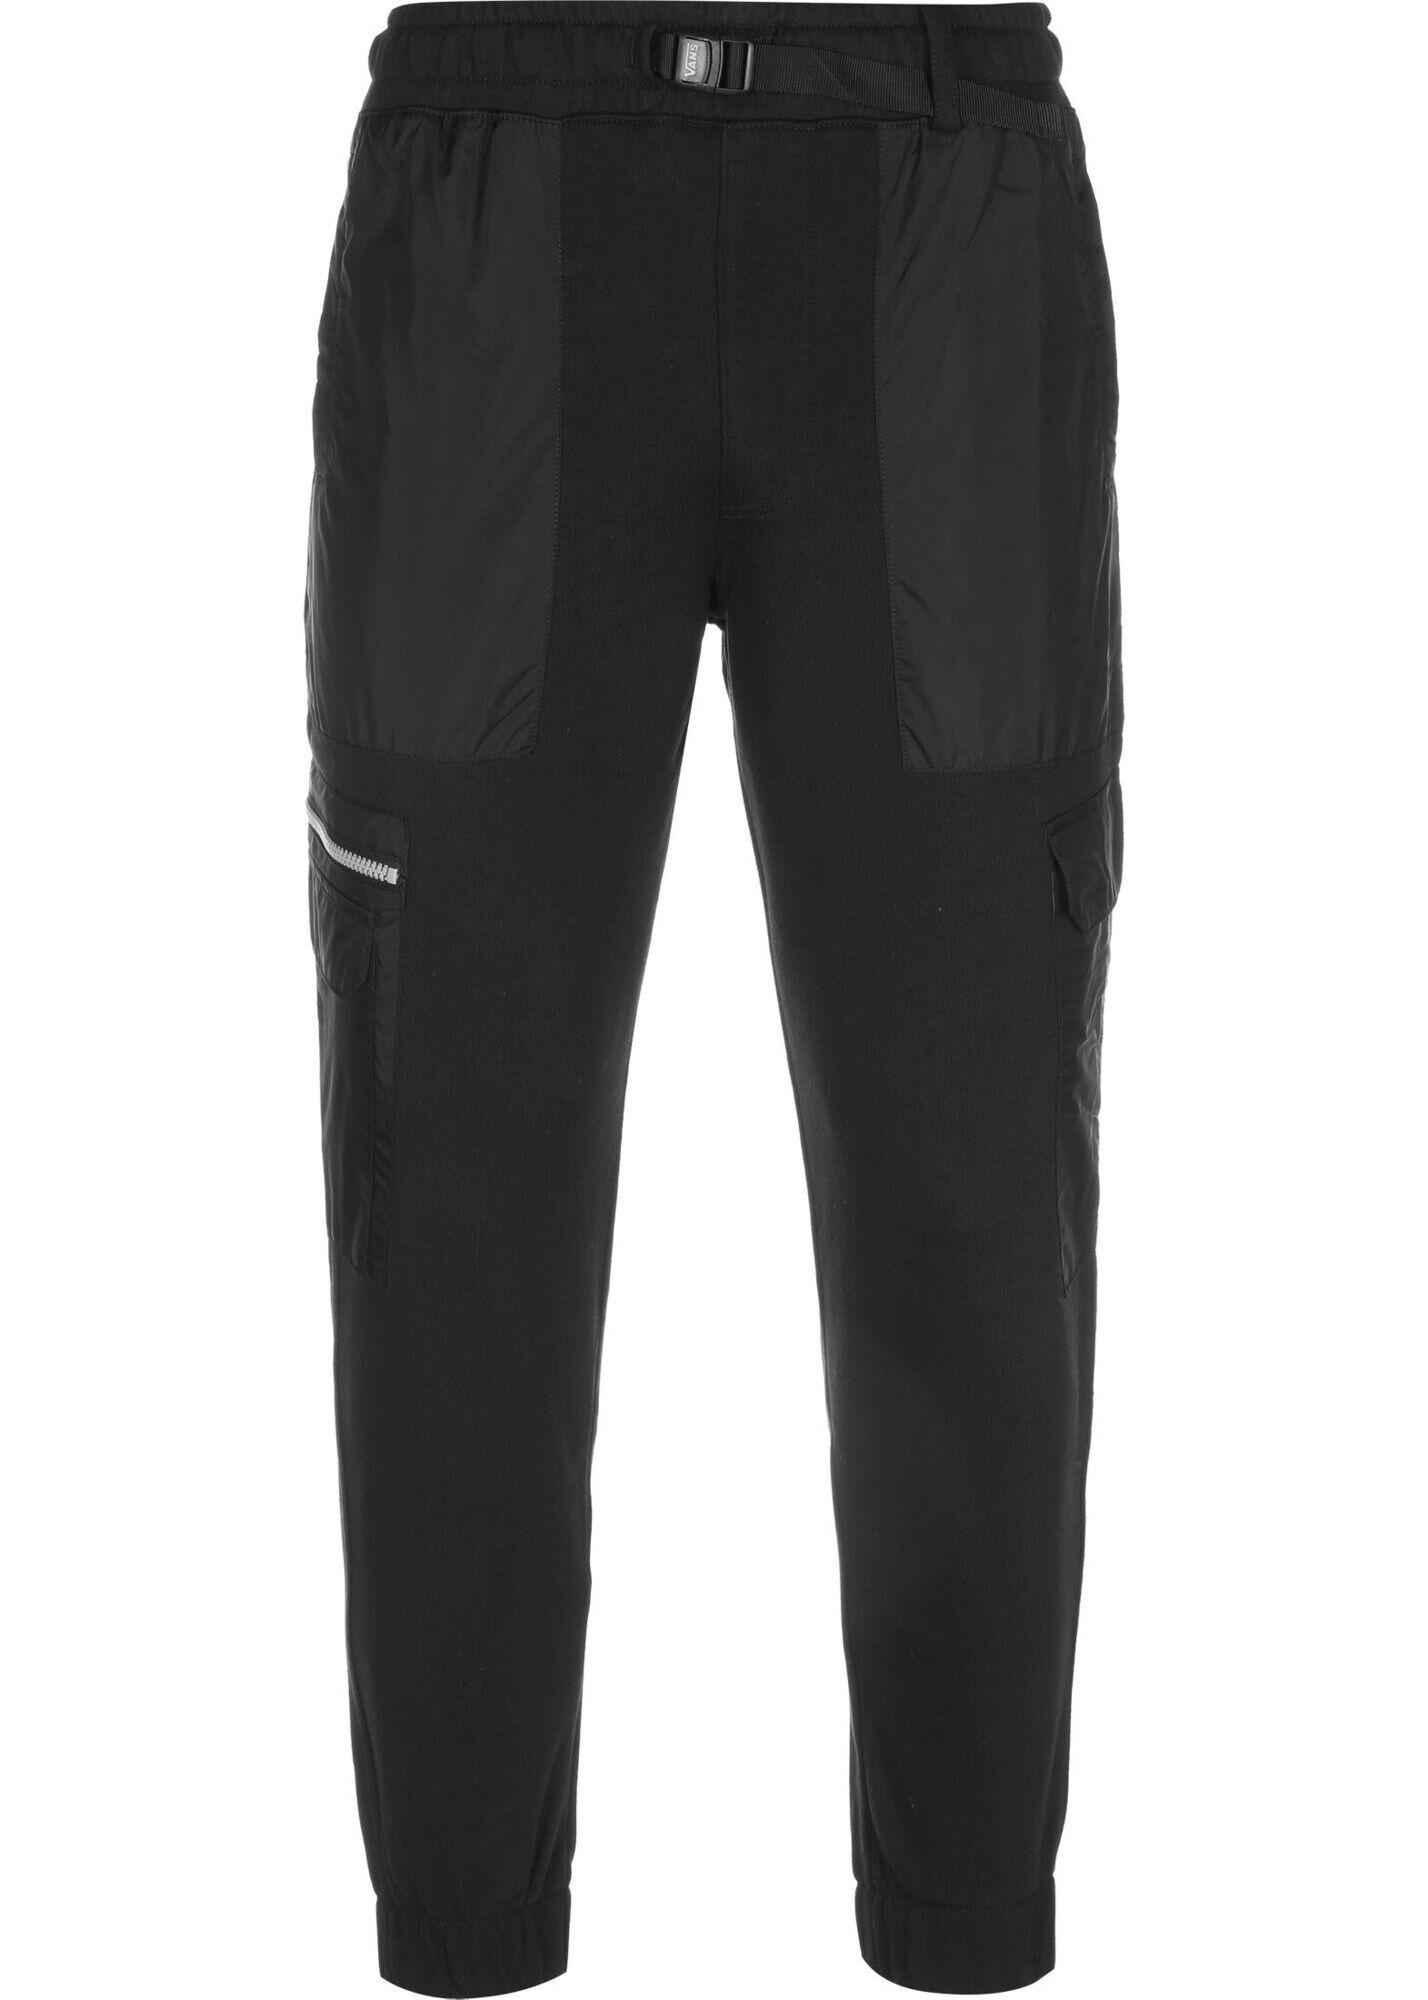 Vans Pantalon '66 Supply Fleece'  - Noir - Taille: 35-42 - male